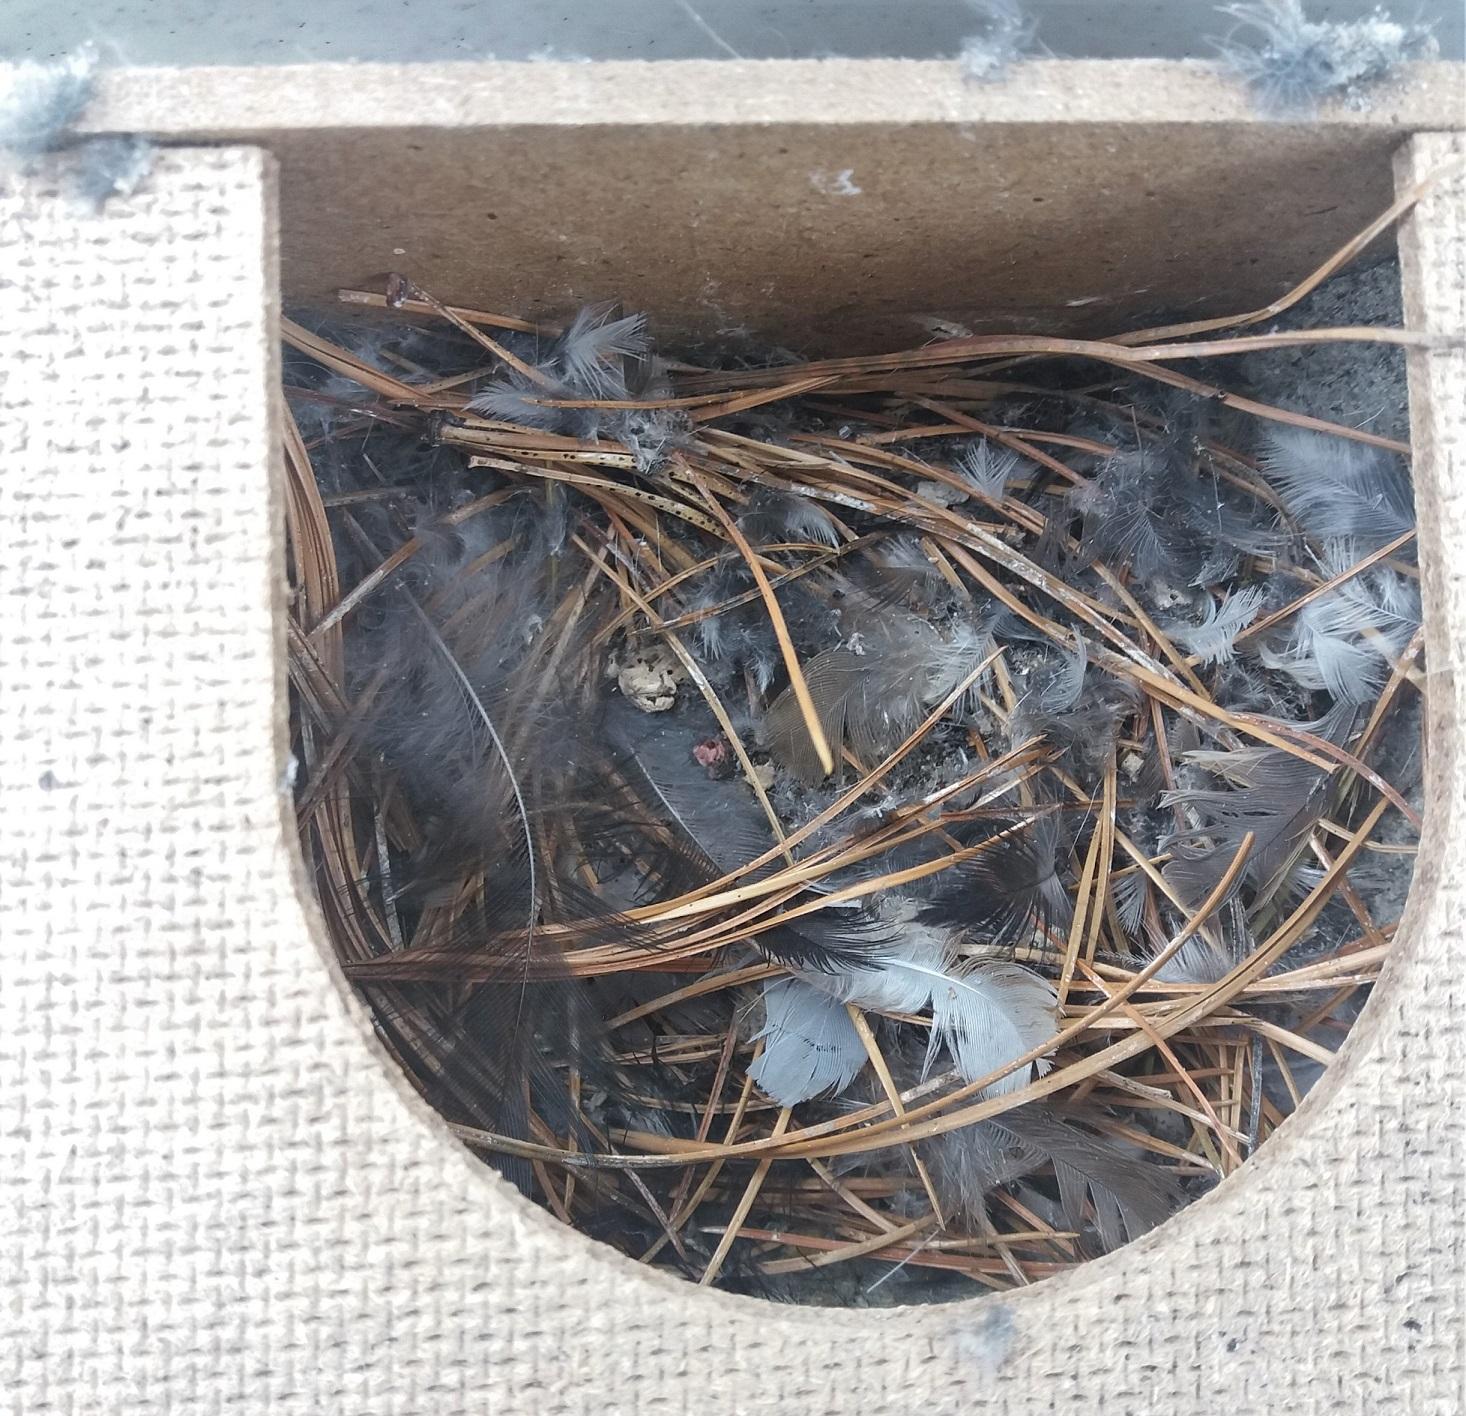 Mit Federn und Kiefernnadeln ausgepolstertes Nest. Kuschelig und gut isolierend. Um an Hausfassaden Verkotungen zu verhindern, empfiehlt sich die Anbringung von Kotbrettchen (mehr Infos s. unten)